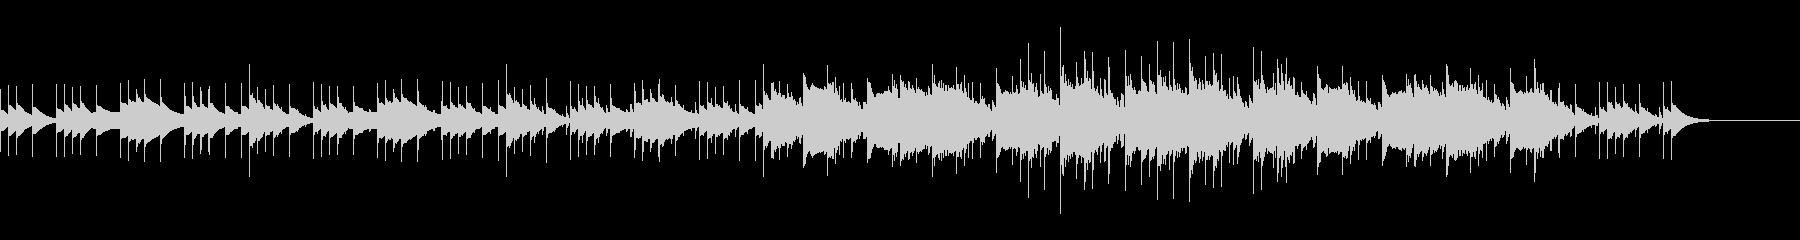 ハイテンポバージョンの未再生の波形